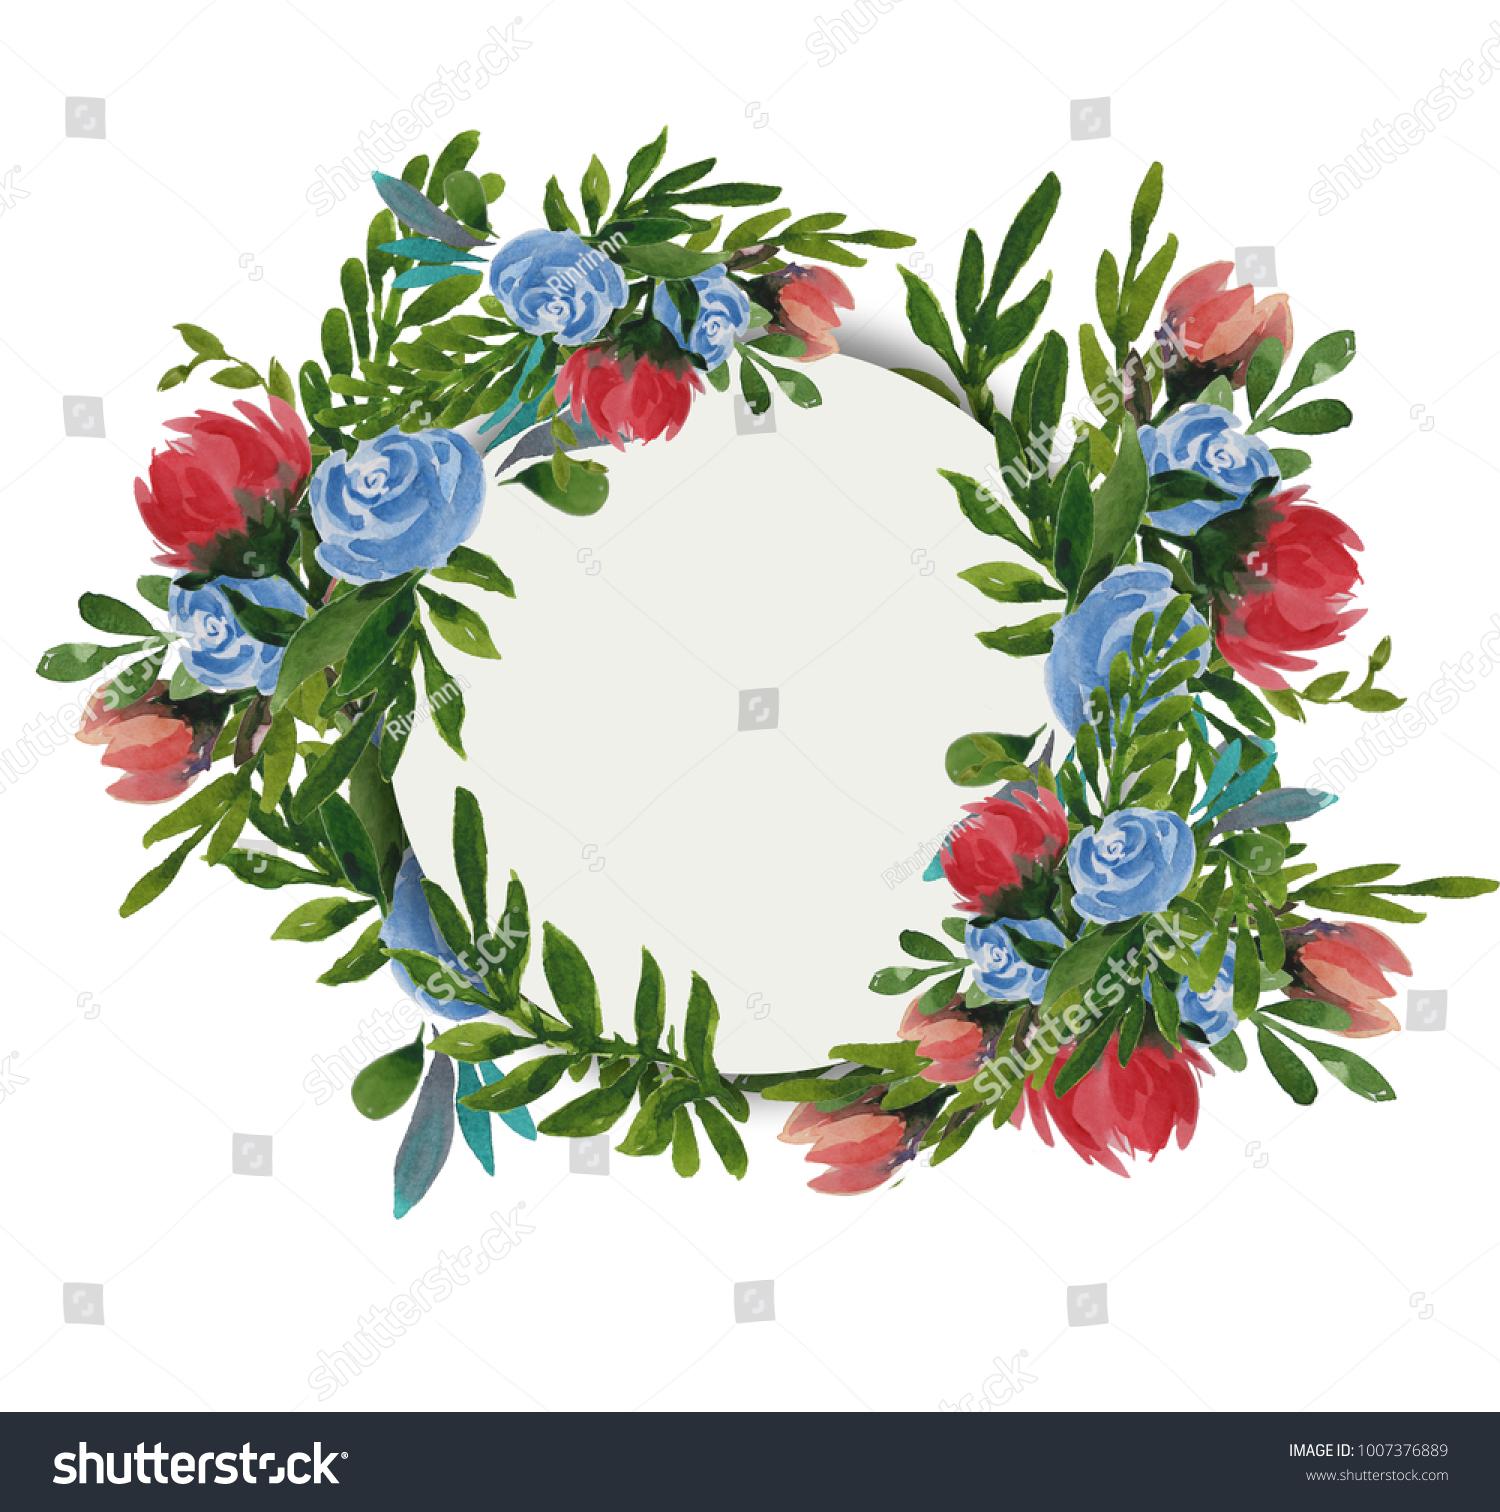 Design Banner Spring Plants Leaves Flowers Stock Illustration